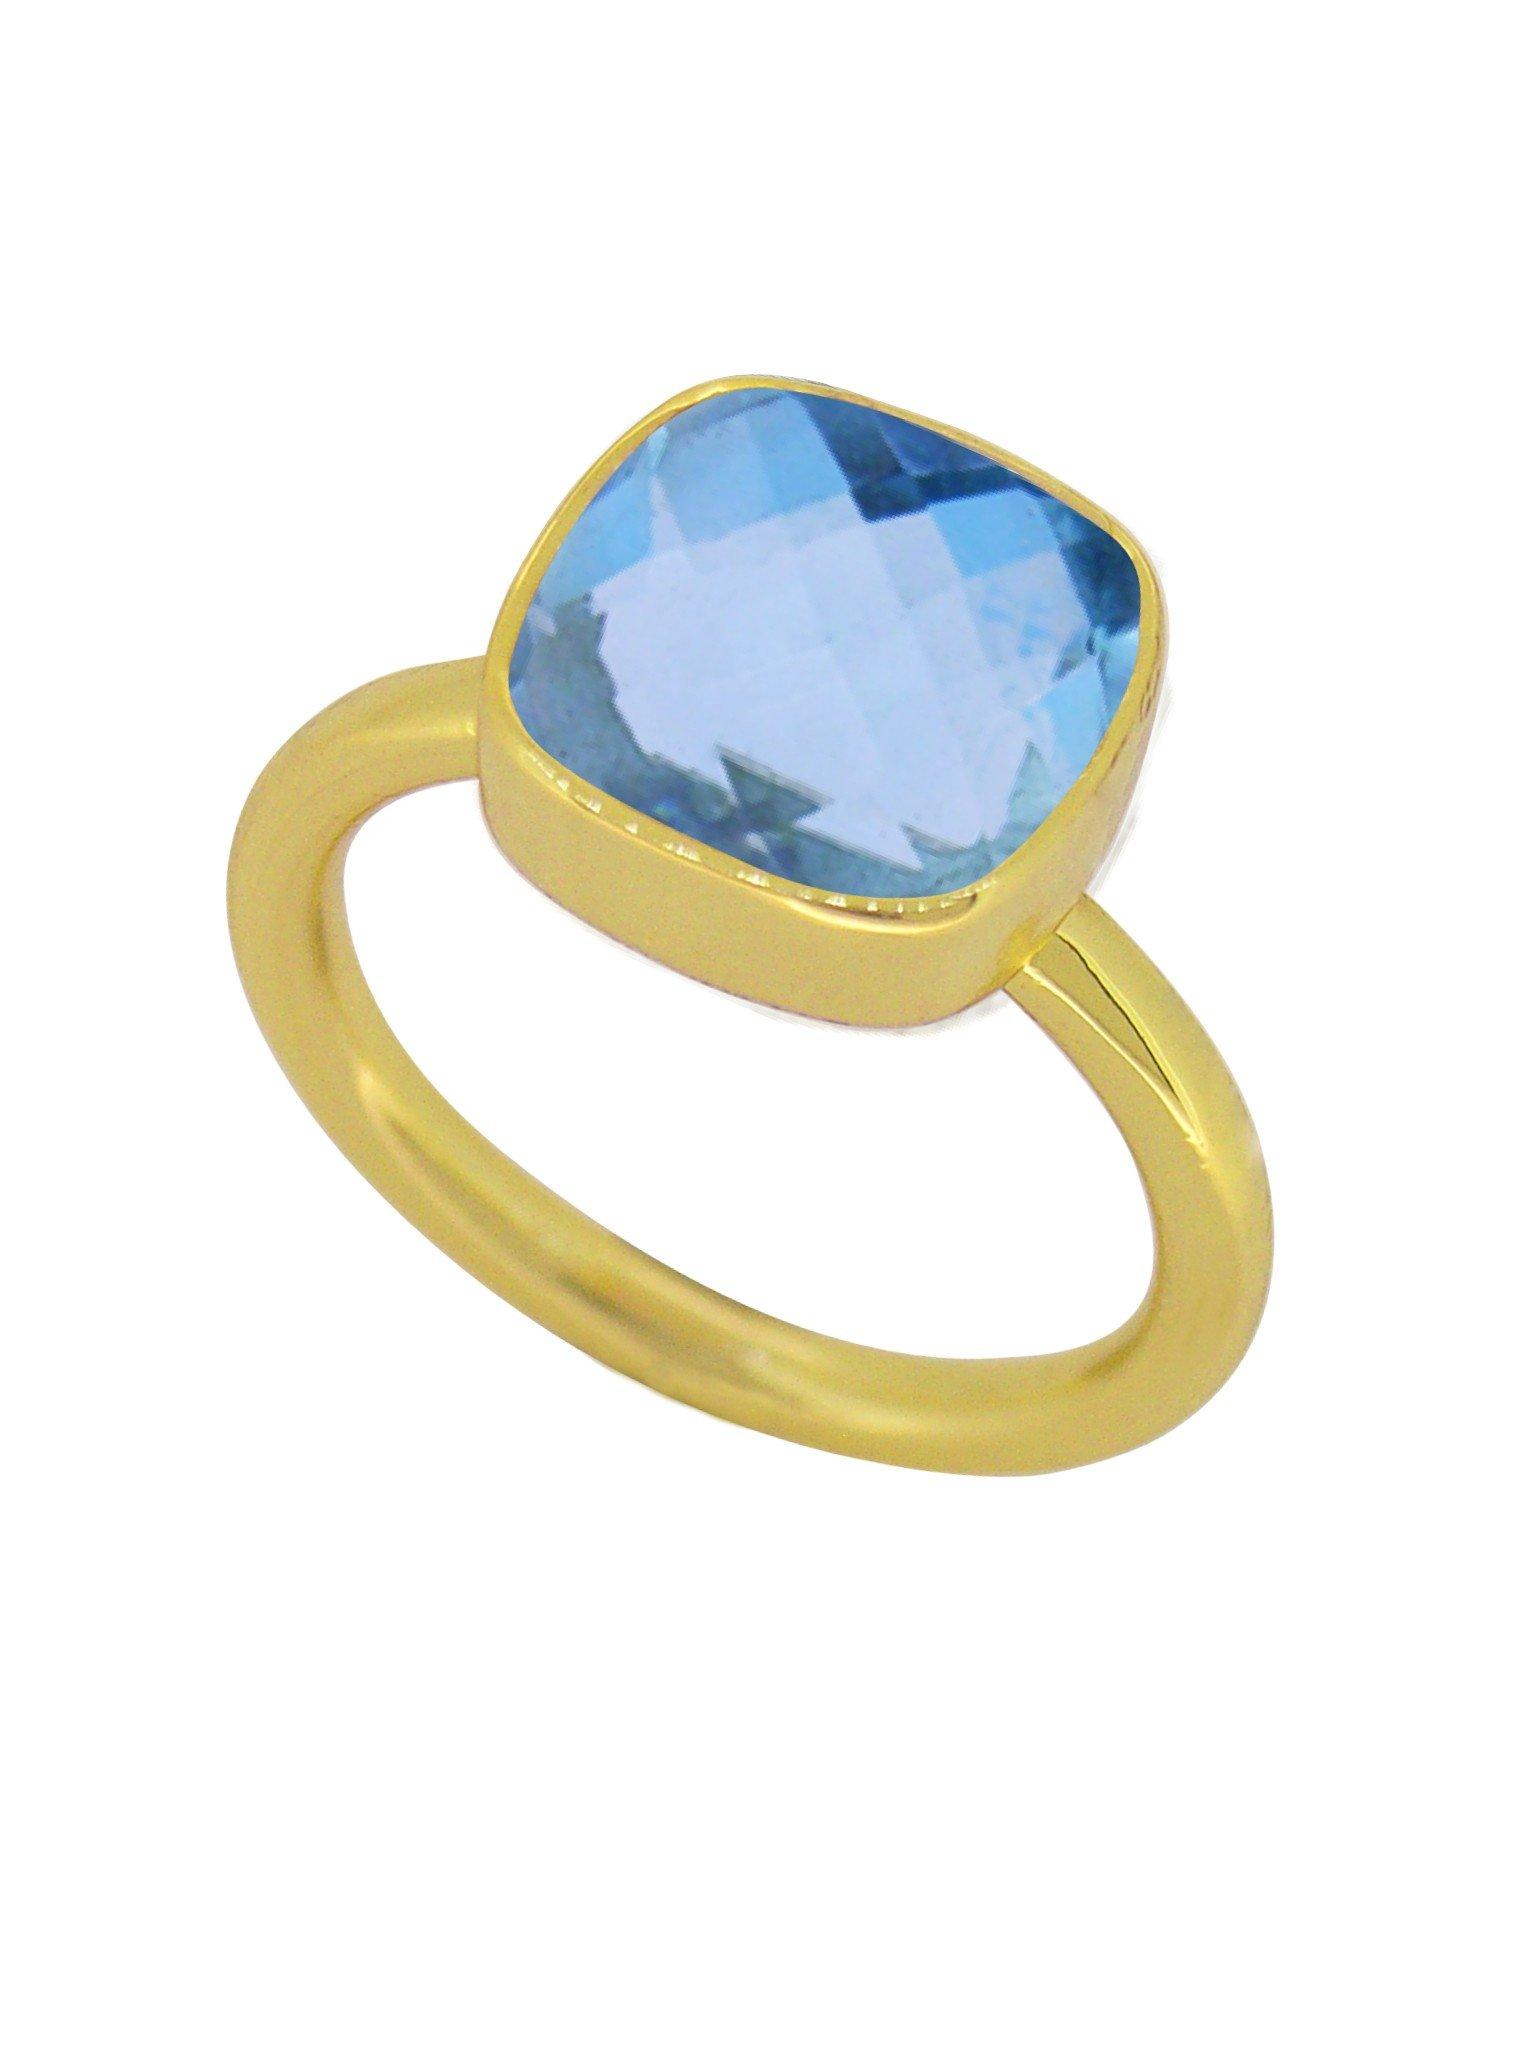 Indie Blue Topaz Gemstone Ring in Gold